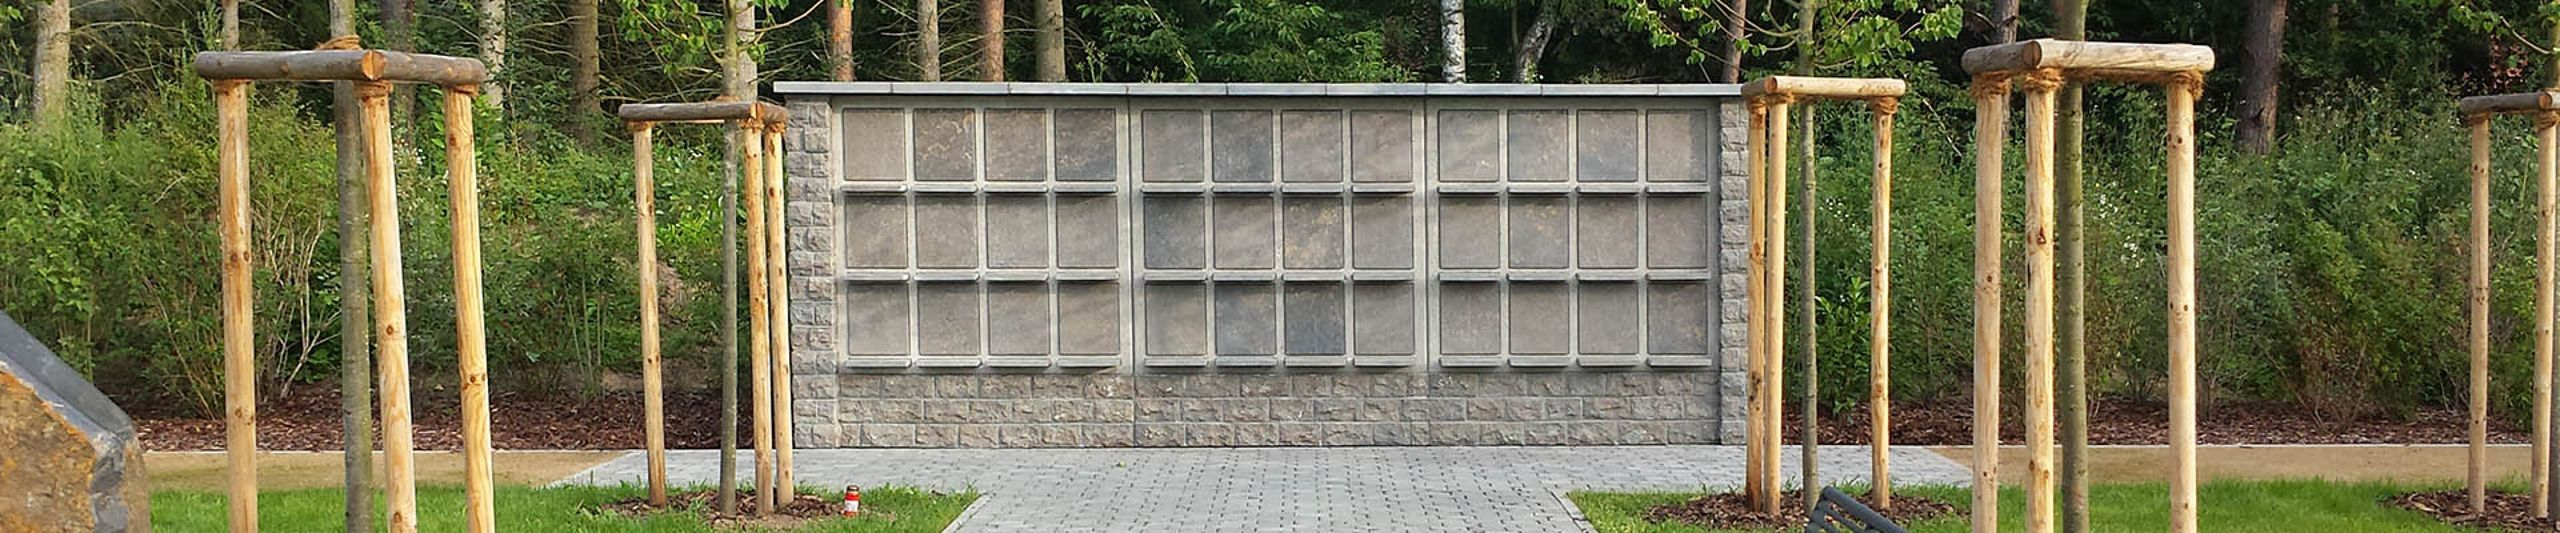 Urnenwandsysteme für Friedhöfe